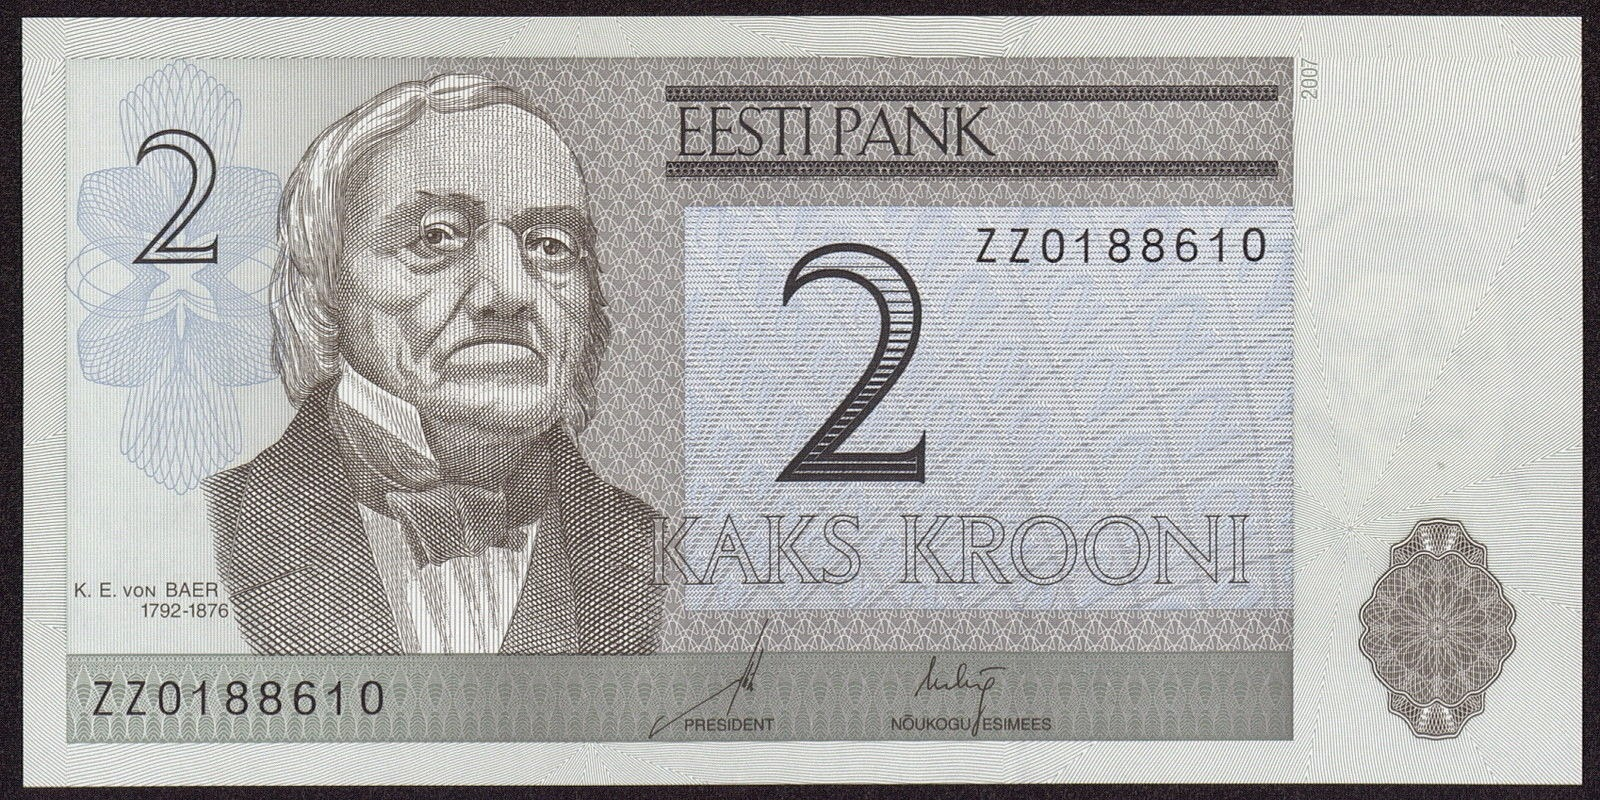 Estonia currency money 2 krooni banknote, Karl Ernst von Baer